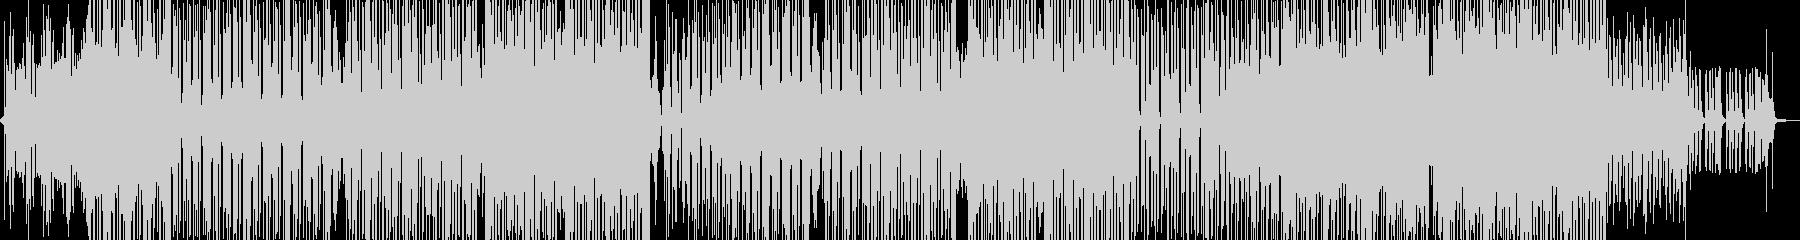 海でプカプカ まったりしたレゲェポップの未再生の波形